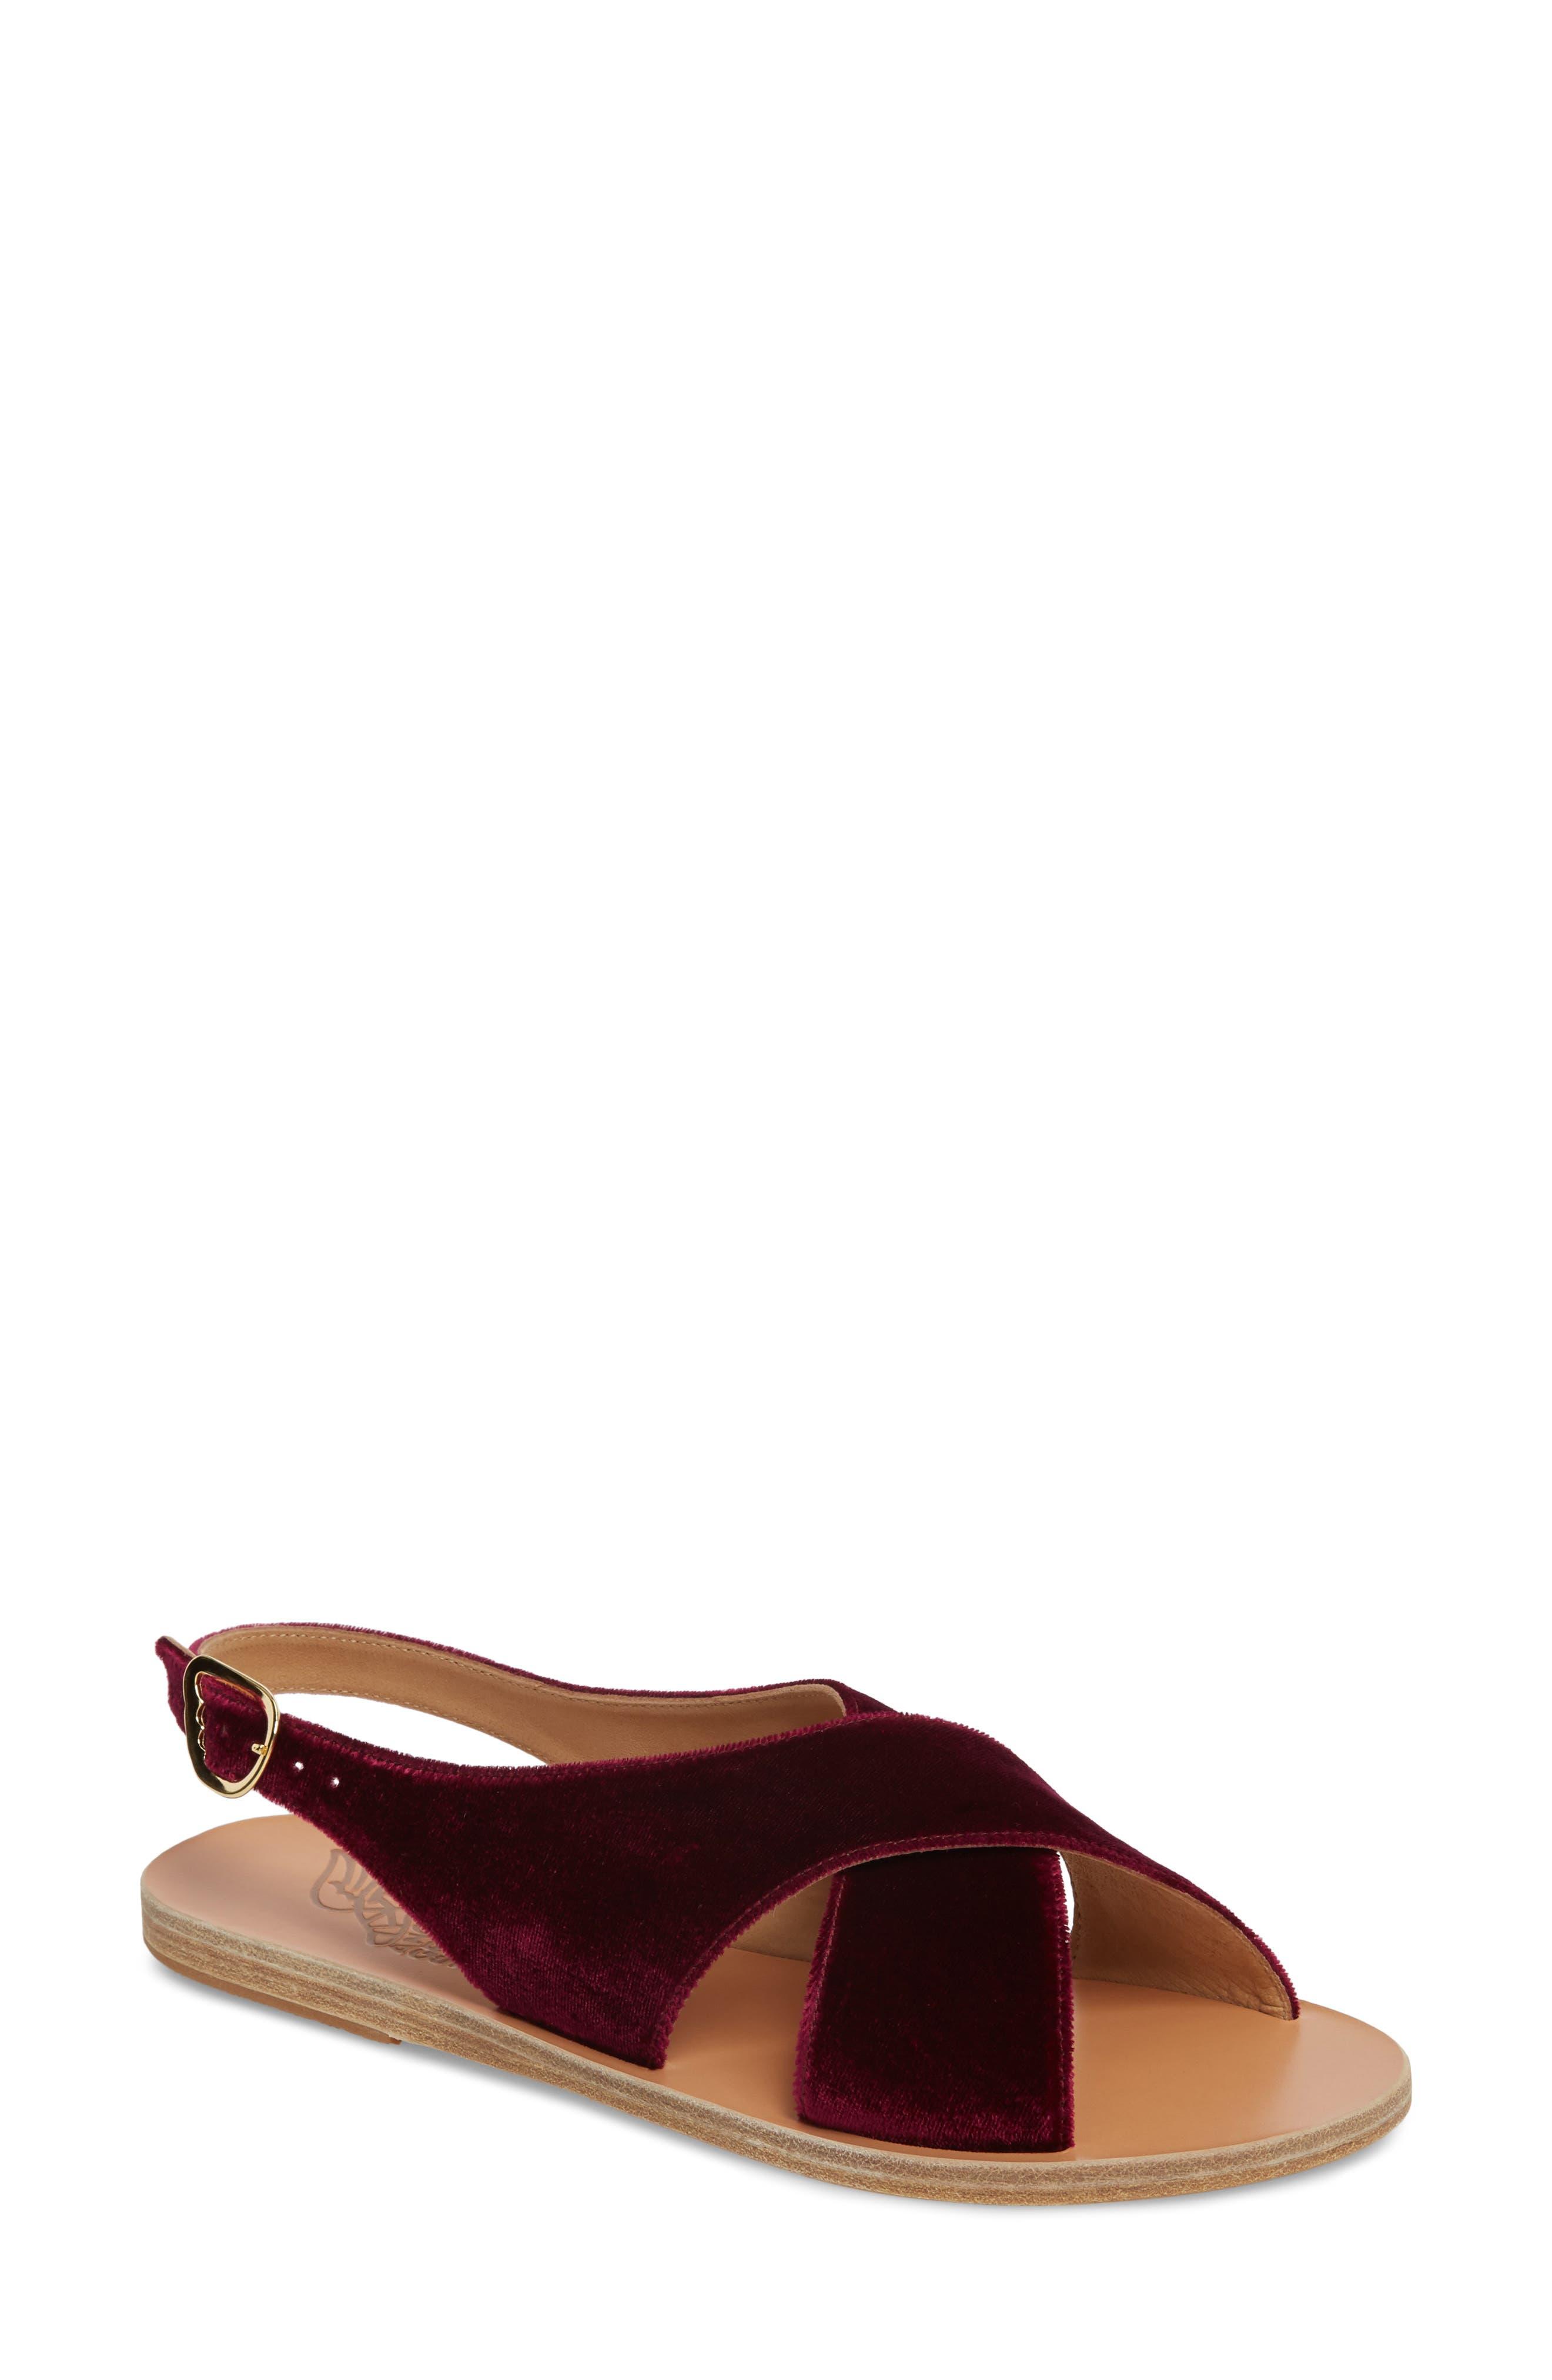 Maria Sandal,                         Main,                         color, Burgundy Velvet